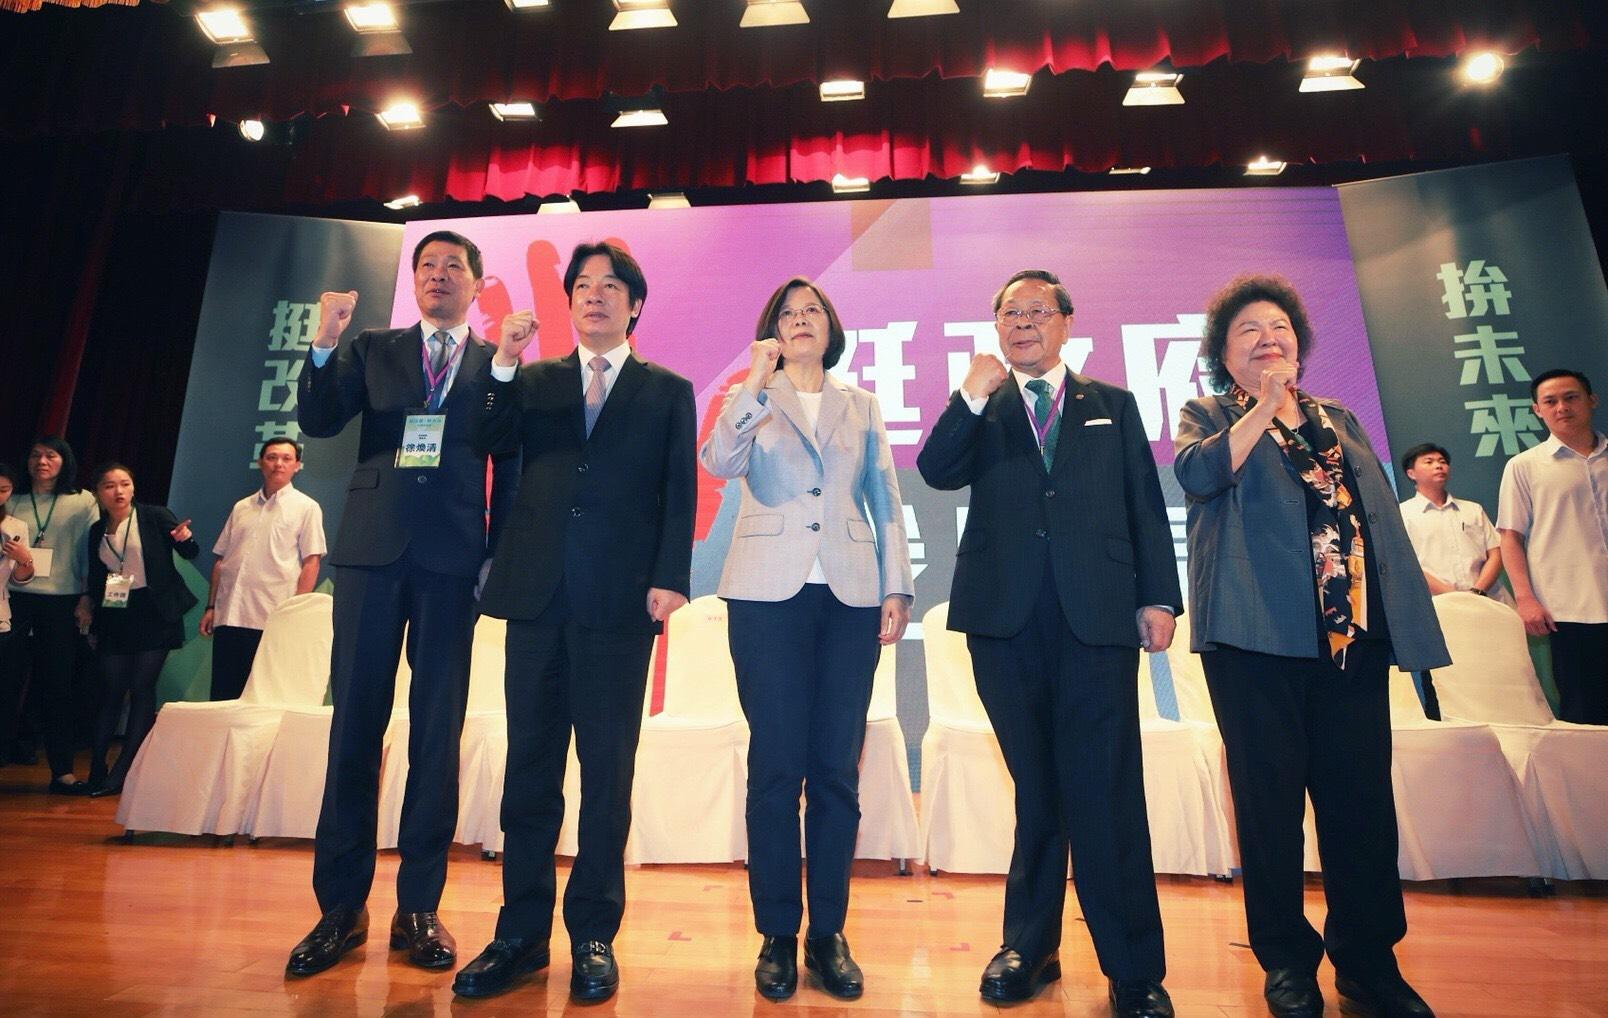 挺改革,拚未來!蔡英文 賴清德 陳菊出席社團高峰會 籲百工百業挺台灣